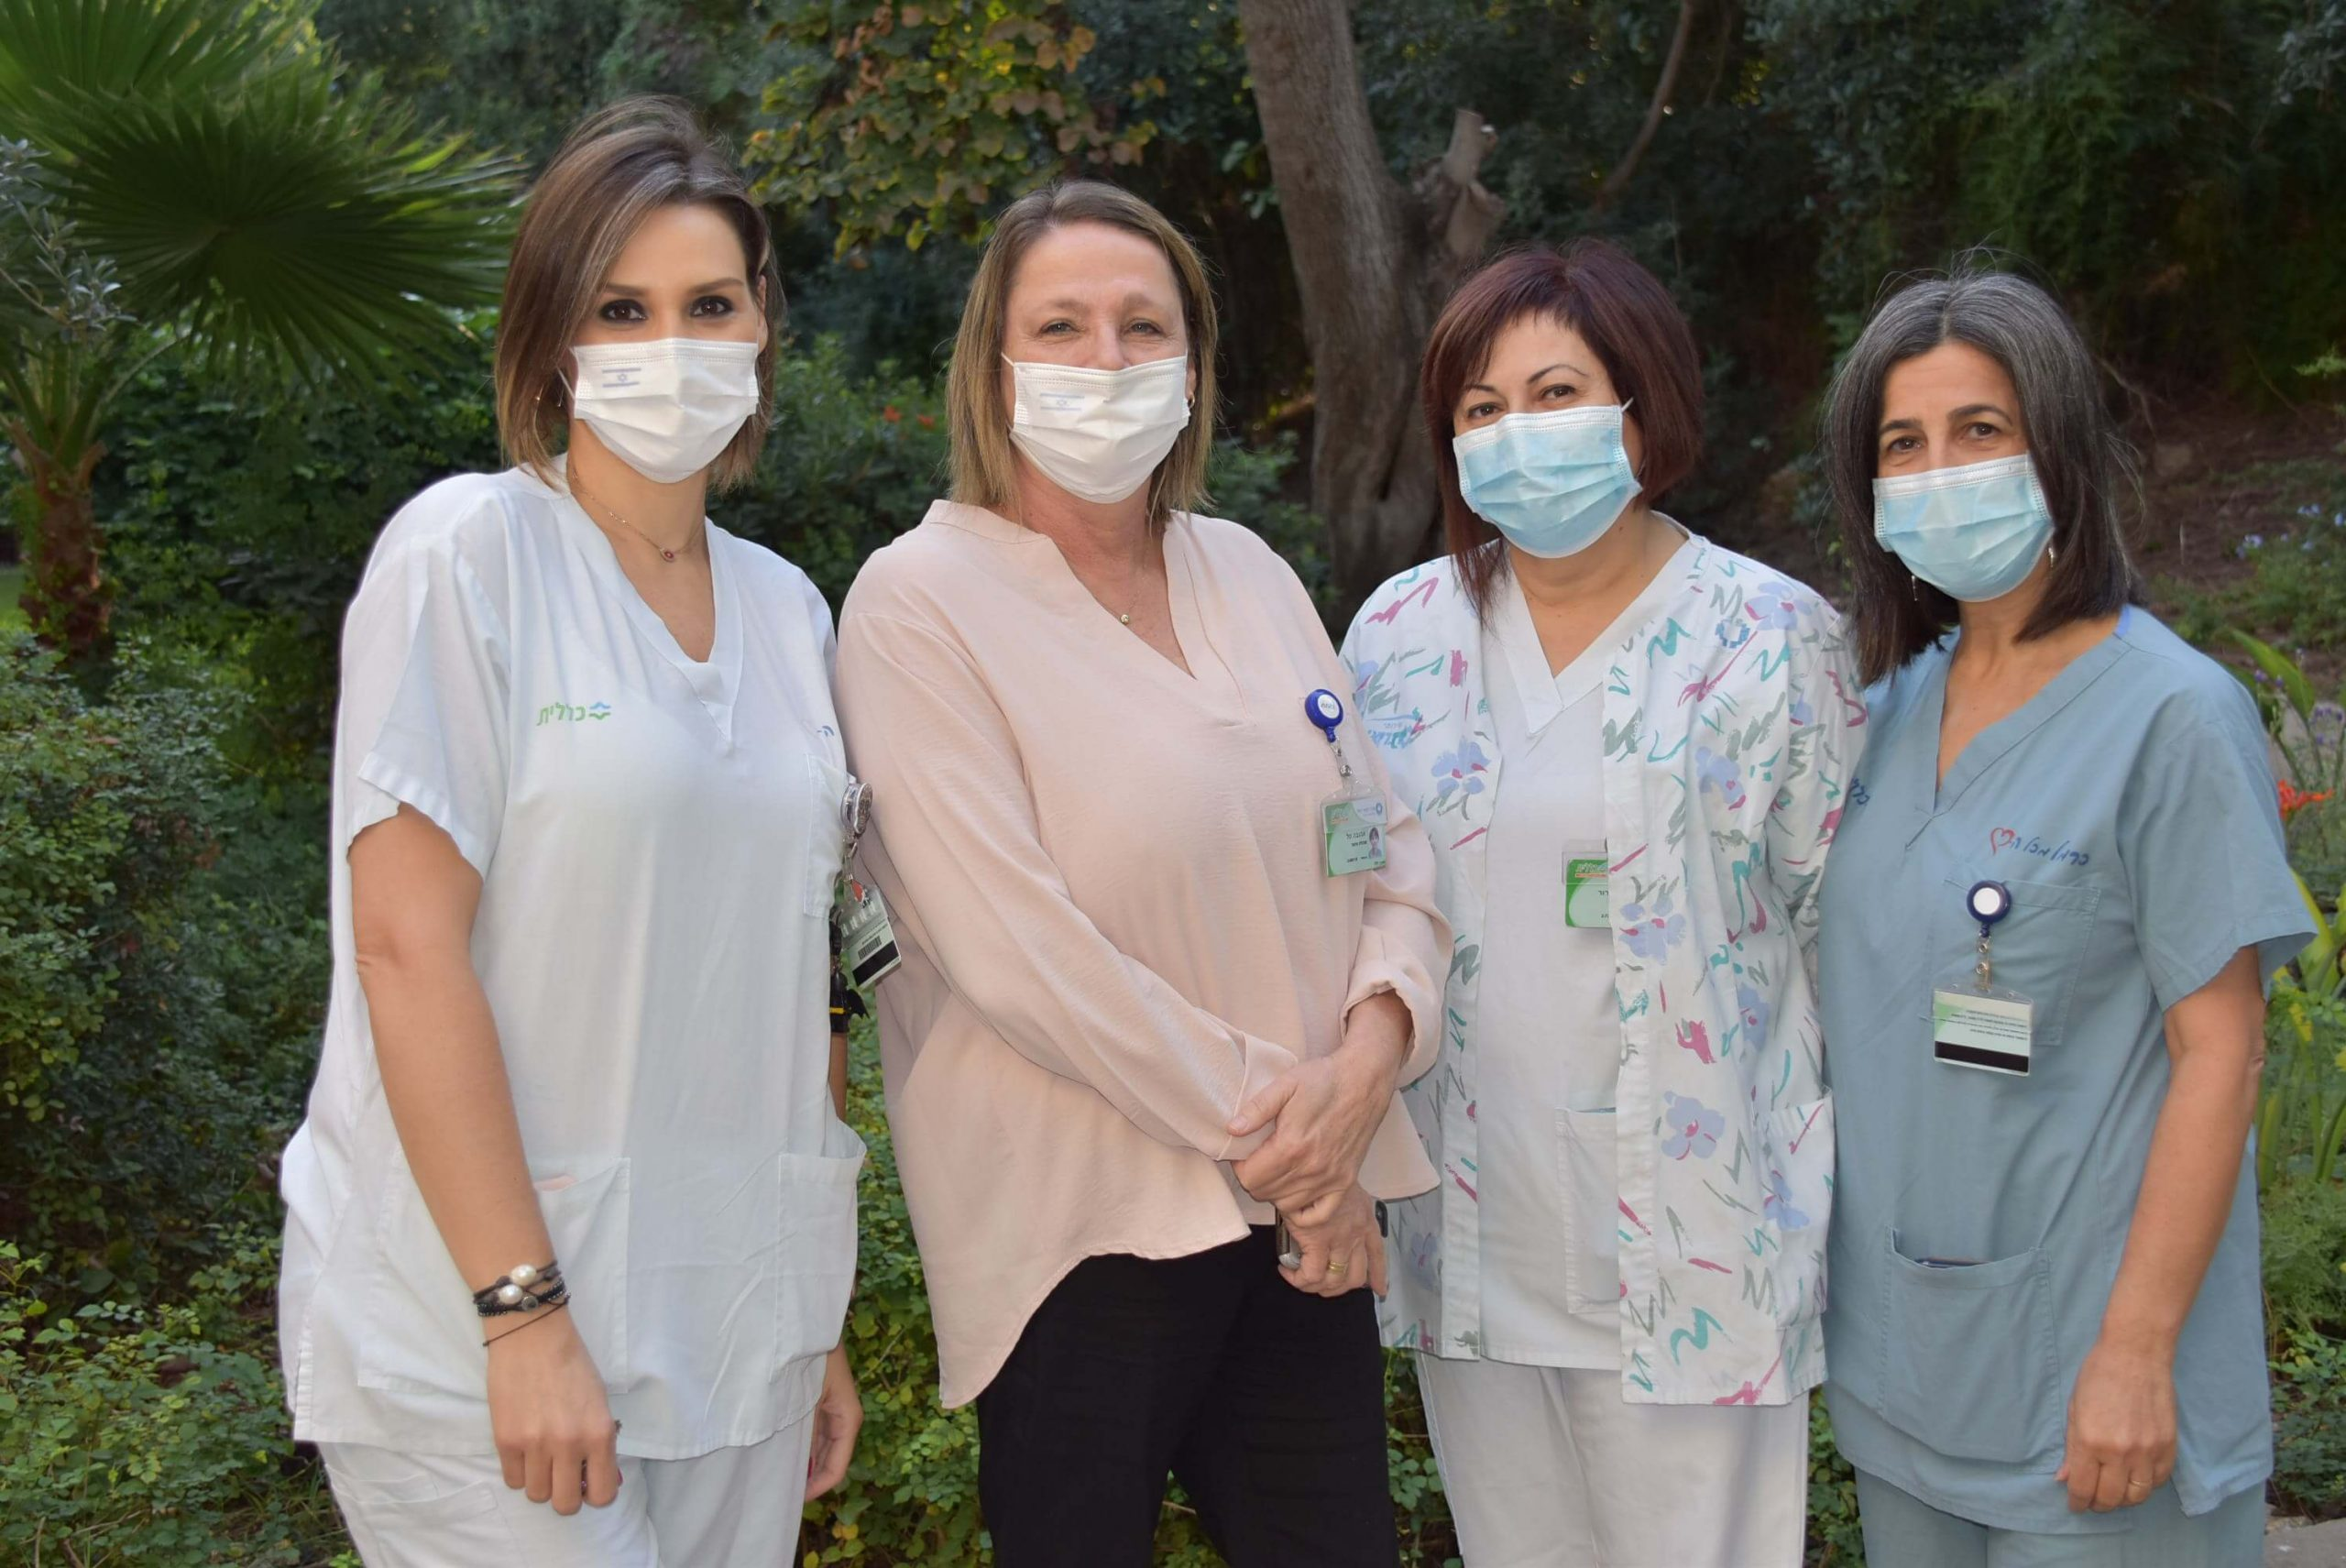 שלוש האחיות שקודמו עם מנהל הסיעוד של כרמל אהובה טל צילום: אלי דדון